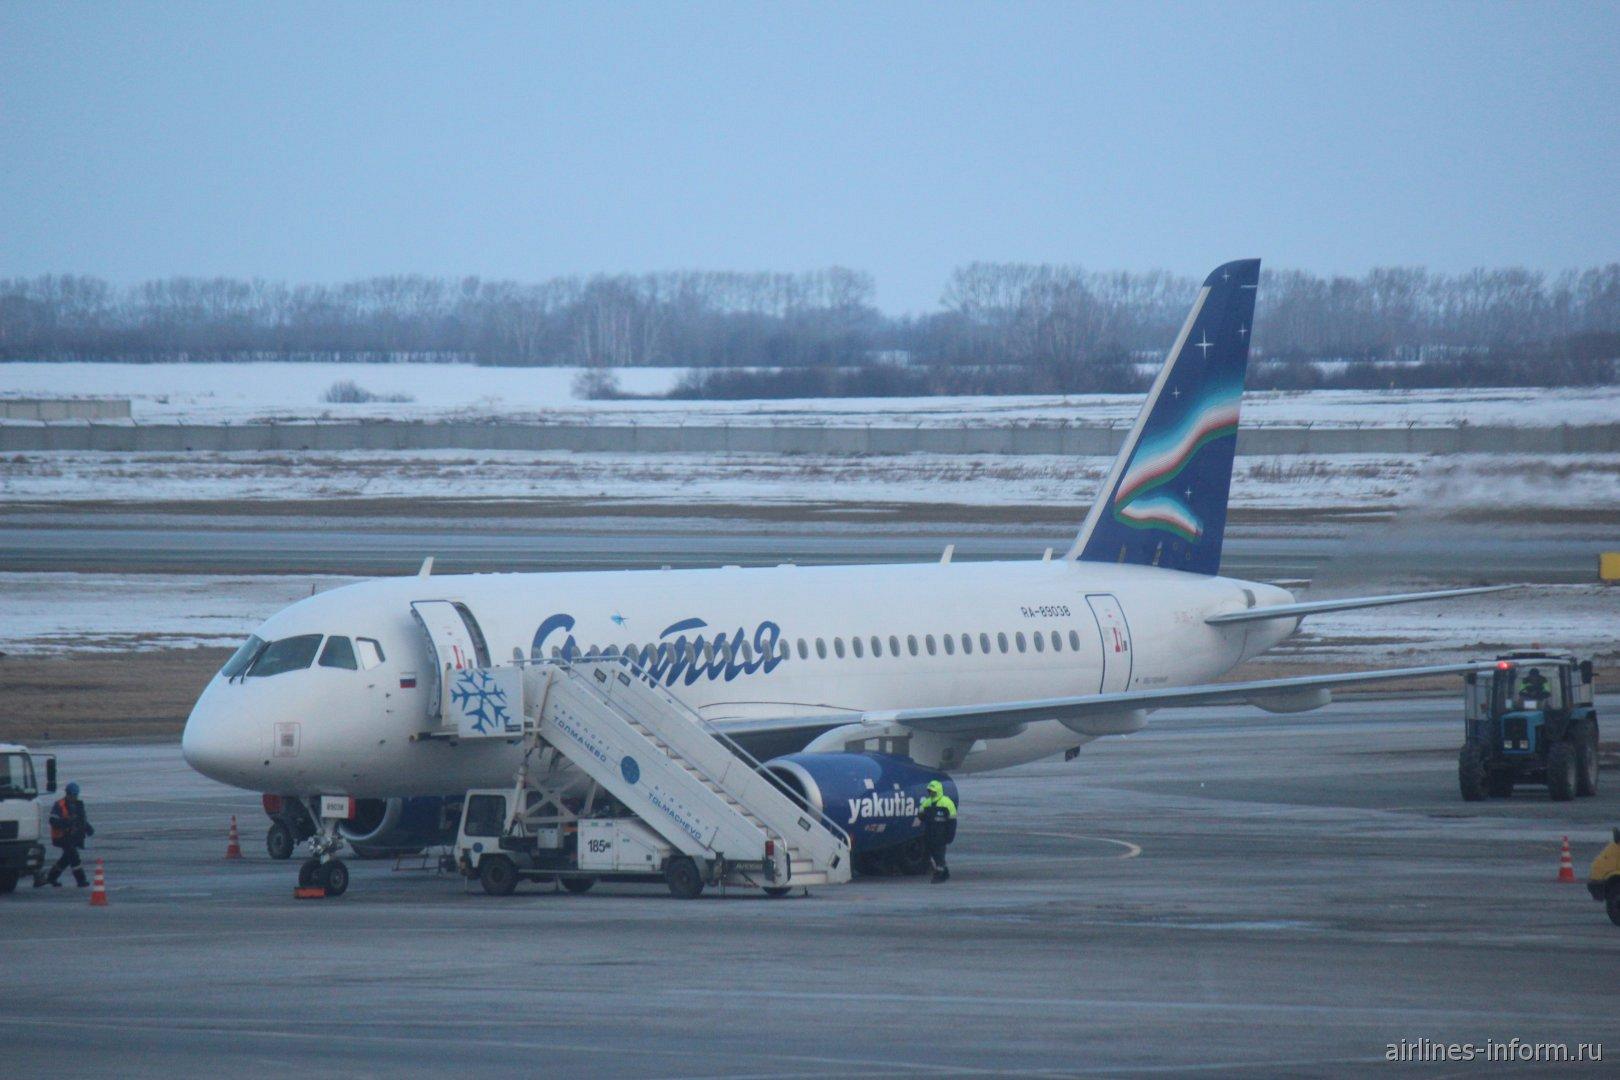 Суперджет-100 авиакомпании